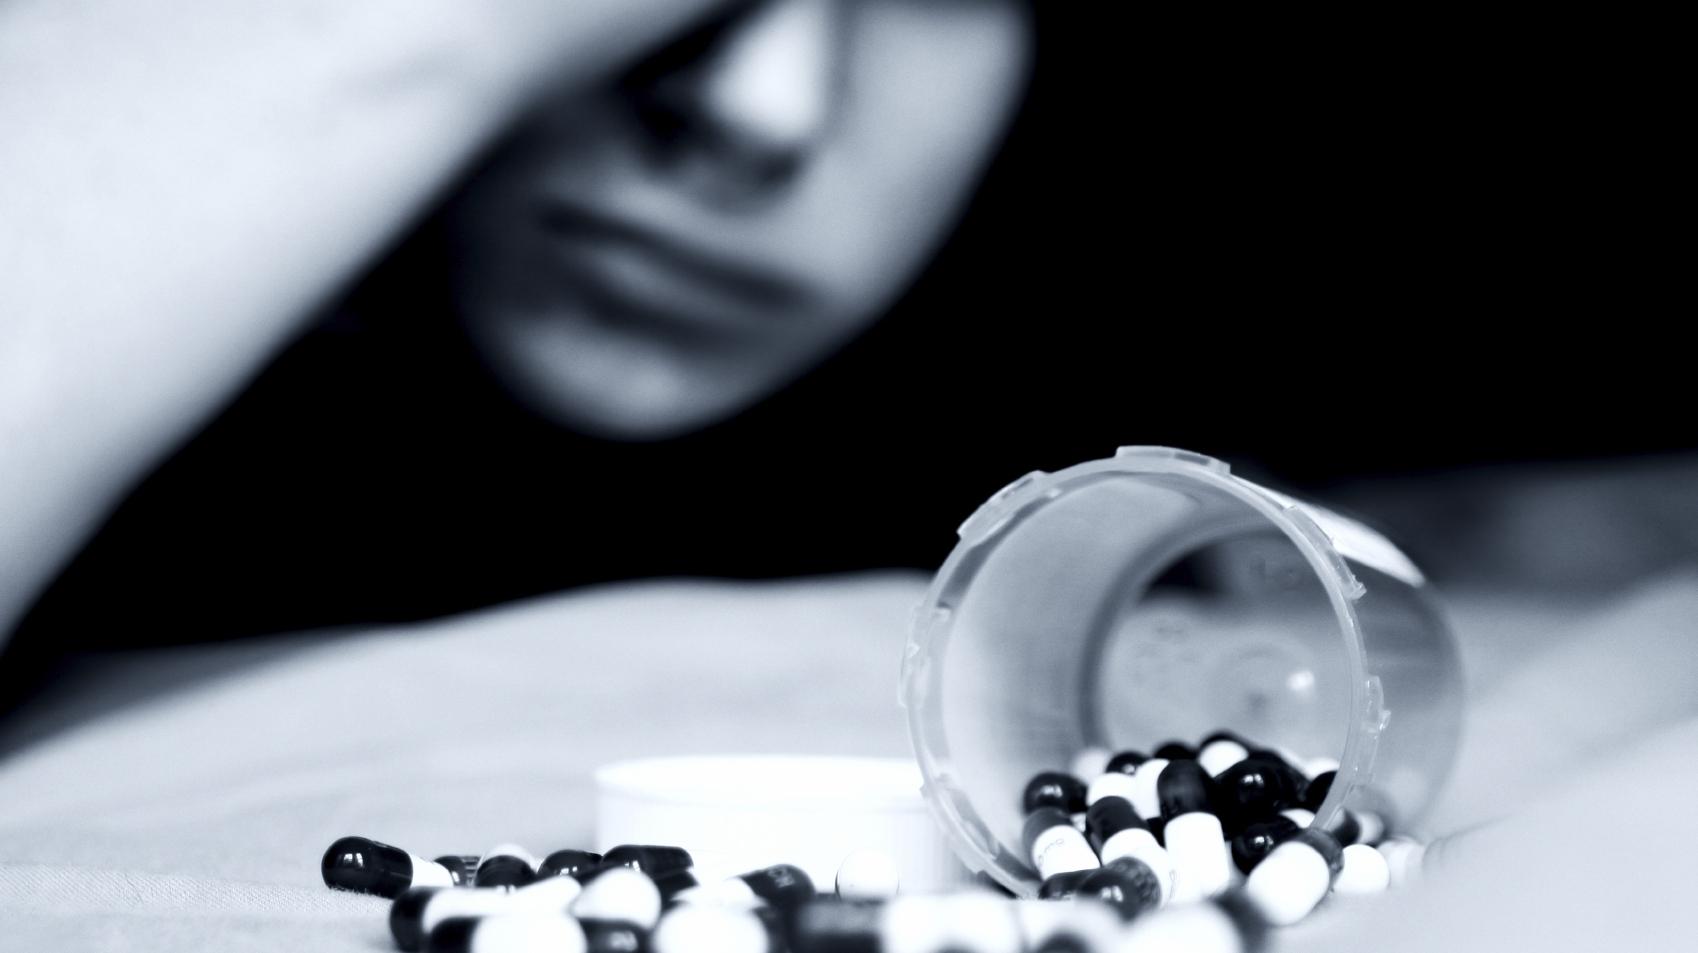 Anadolu Ajansı sınırları zorladı: Antidepresan kullanımındaki artış haberine inanılmaz başlık